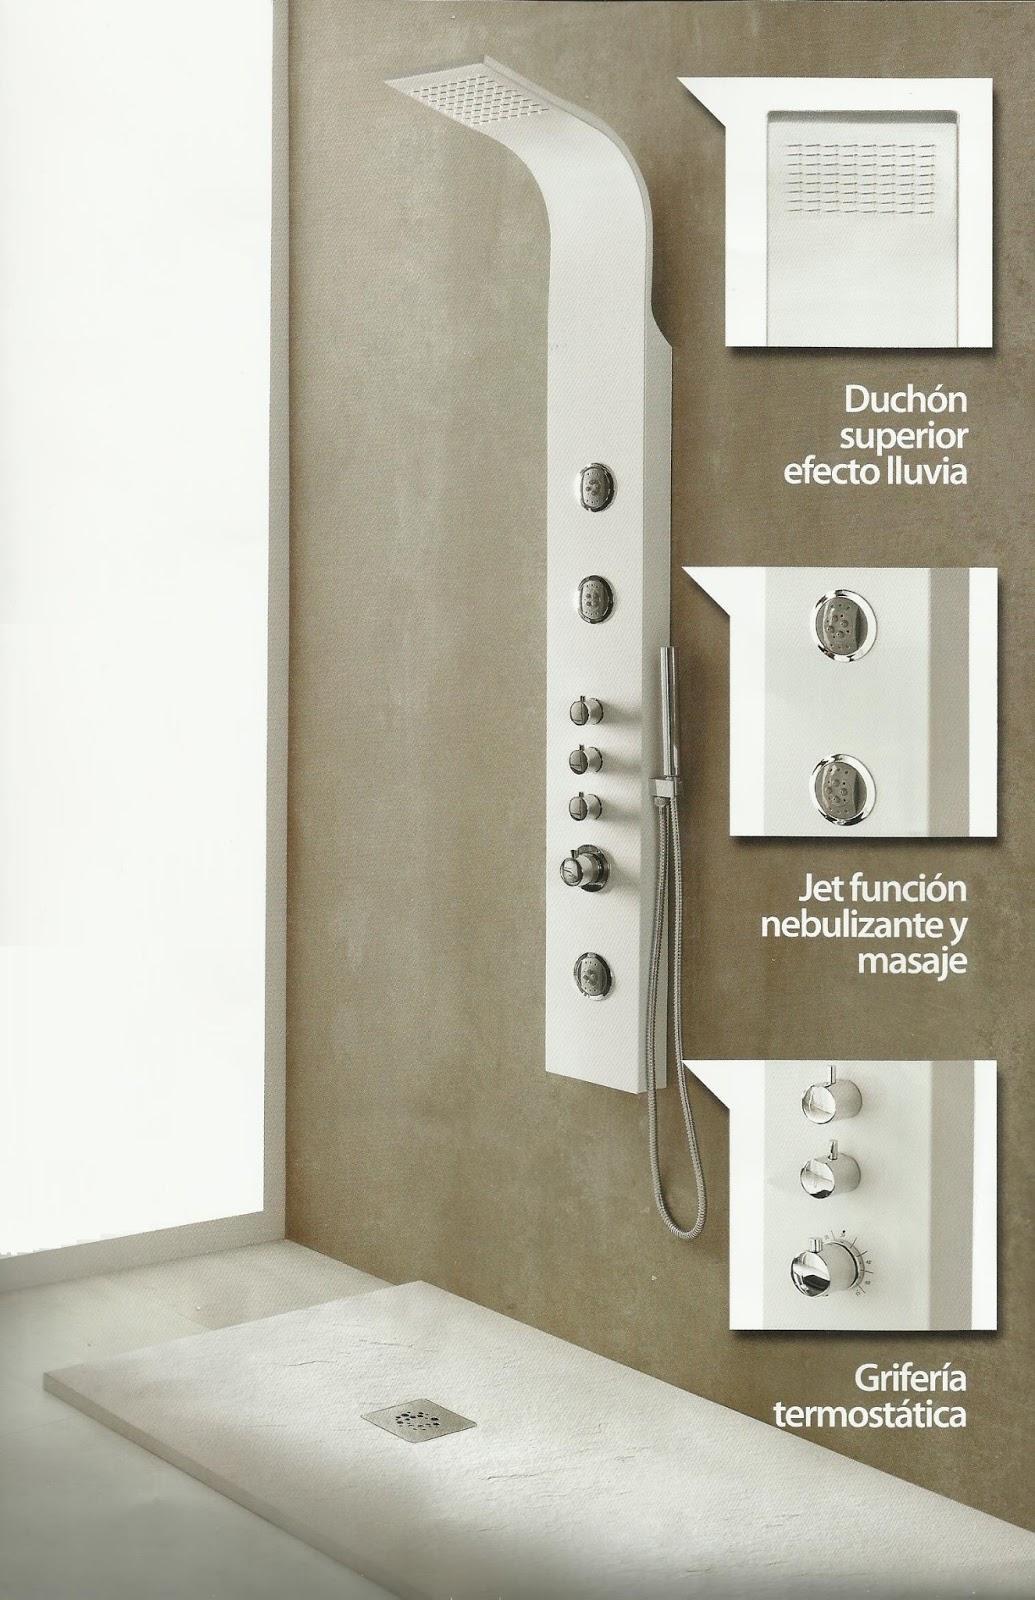 Saro materiales y construcciones s l termost tica isseo for Ducha efecto lluvia precio